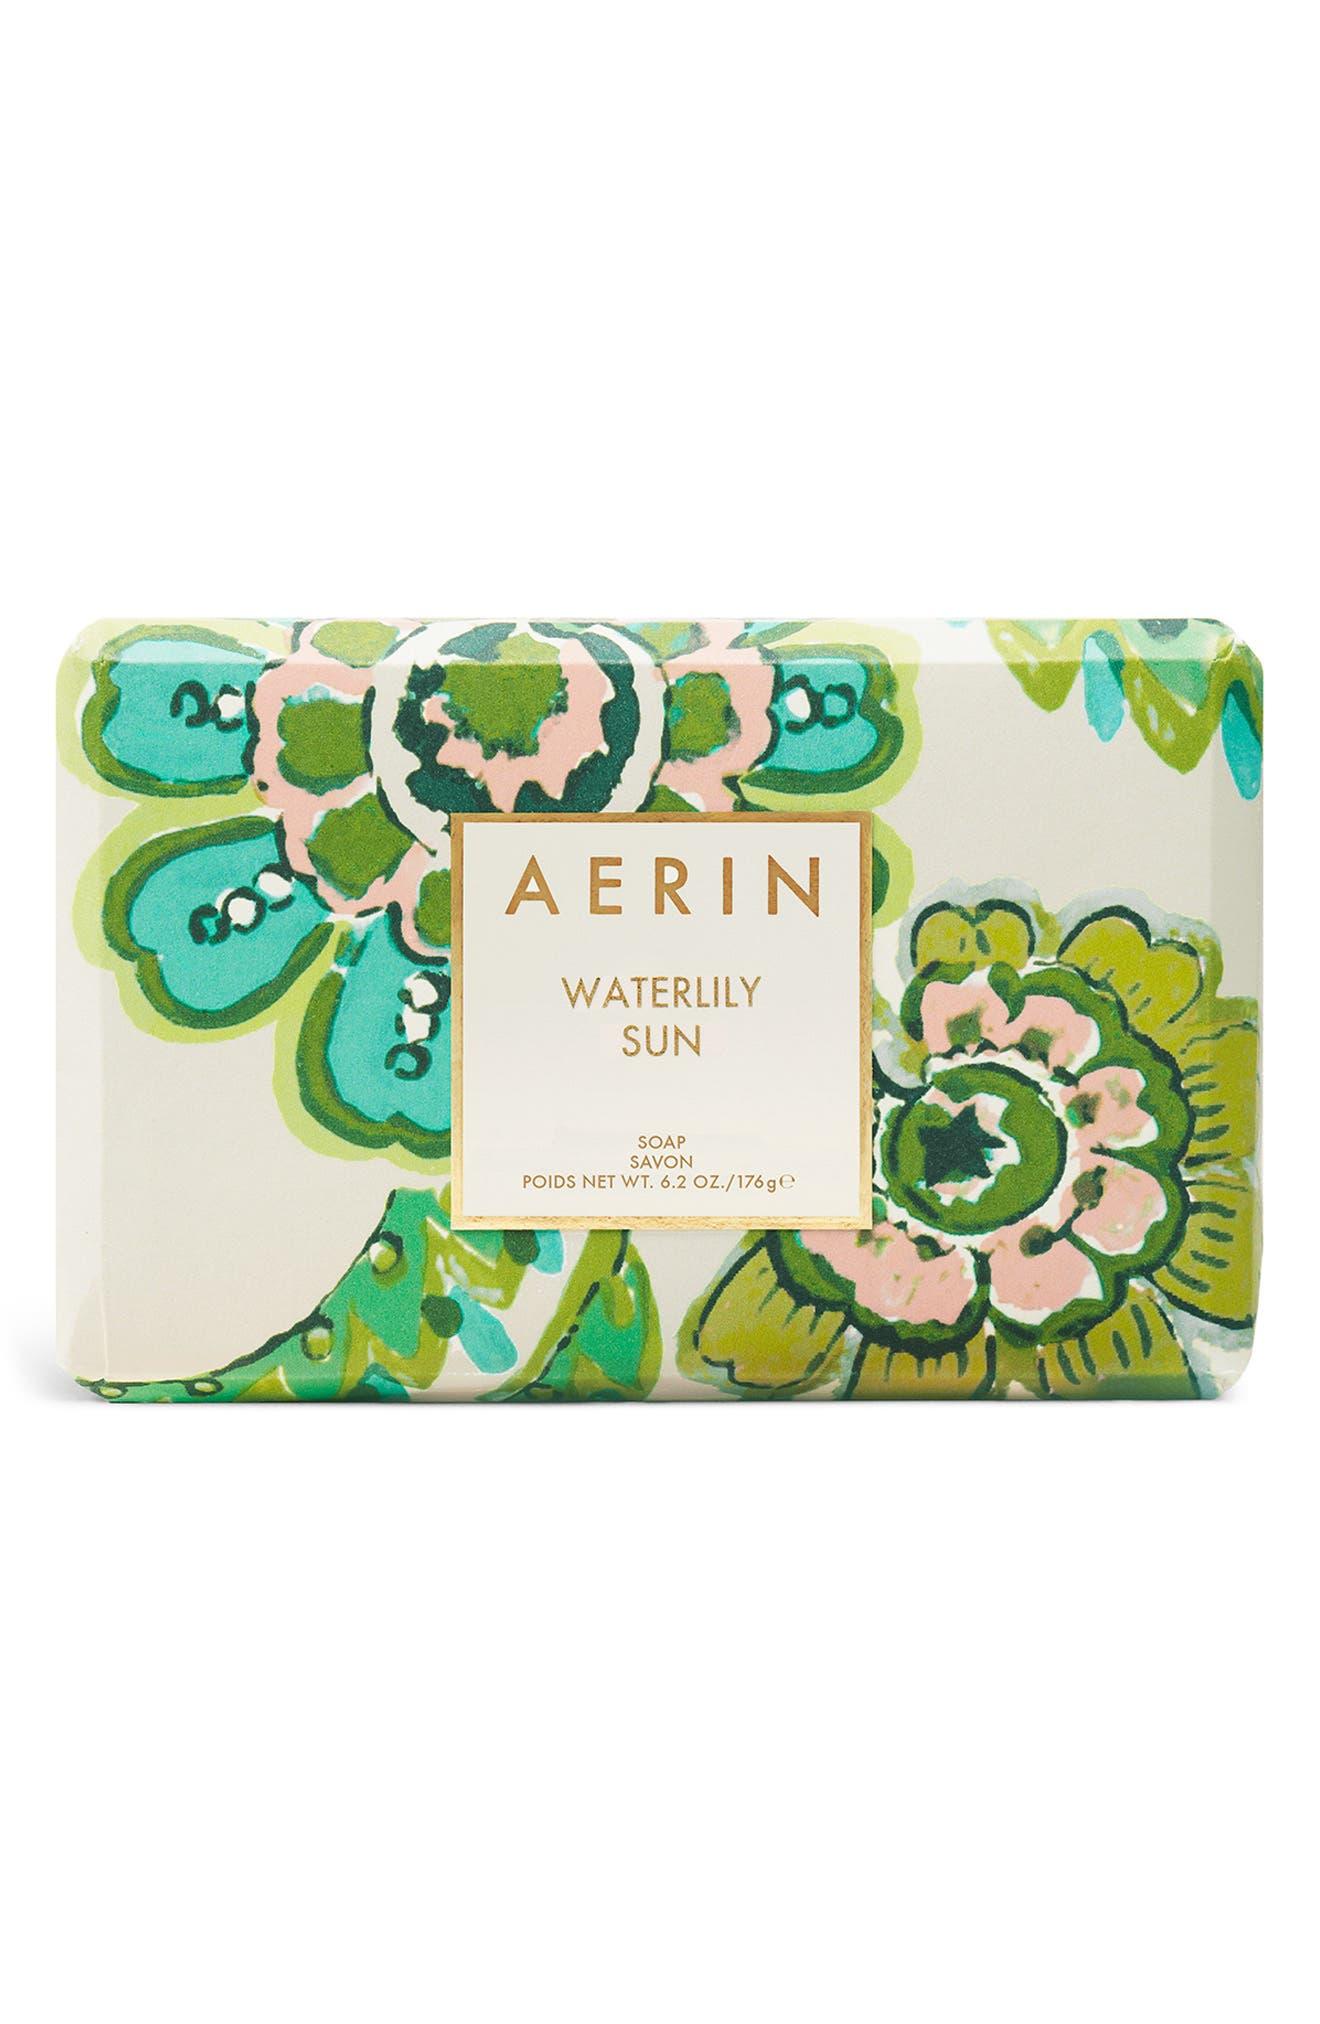 AERIN Beauty Waterlily Sun Soap